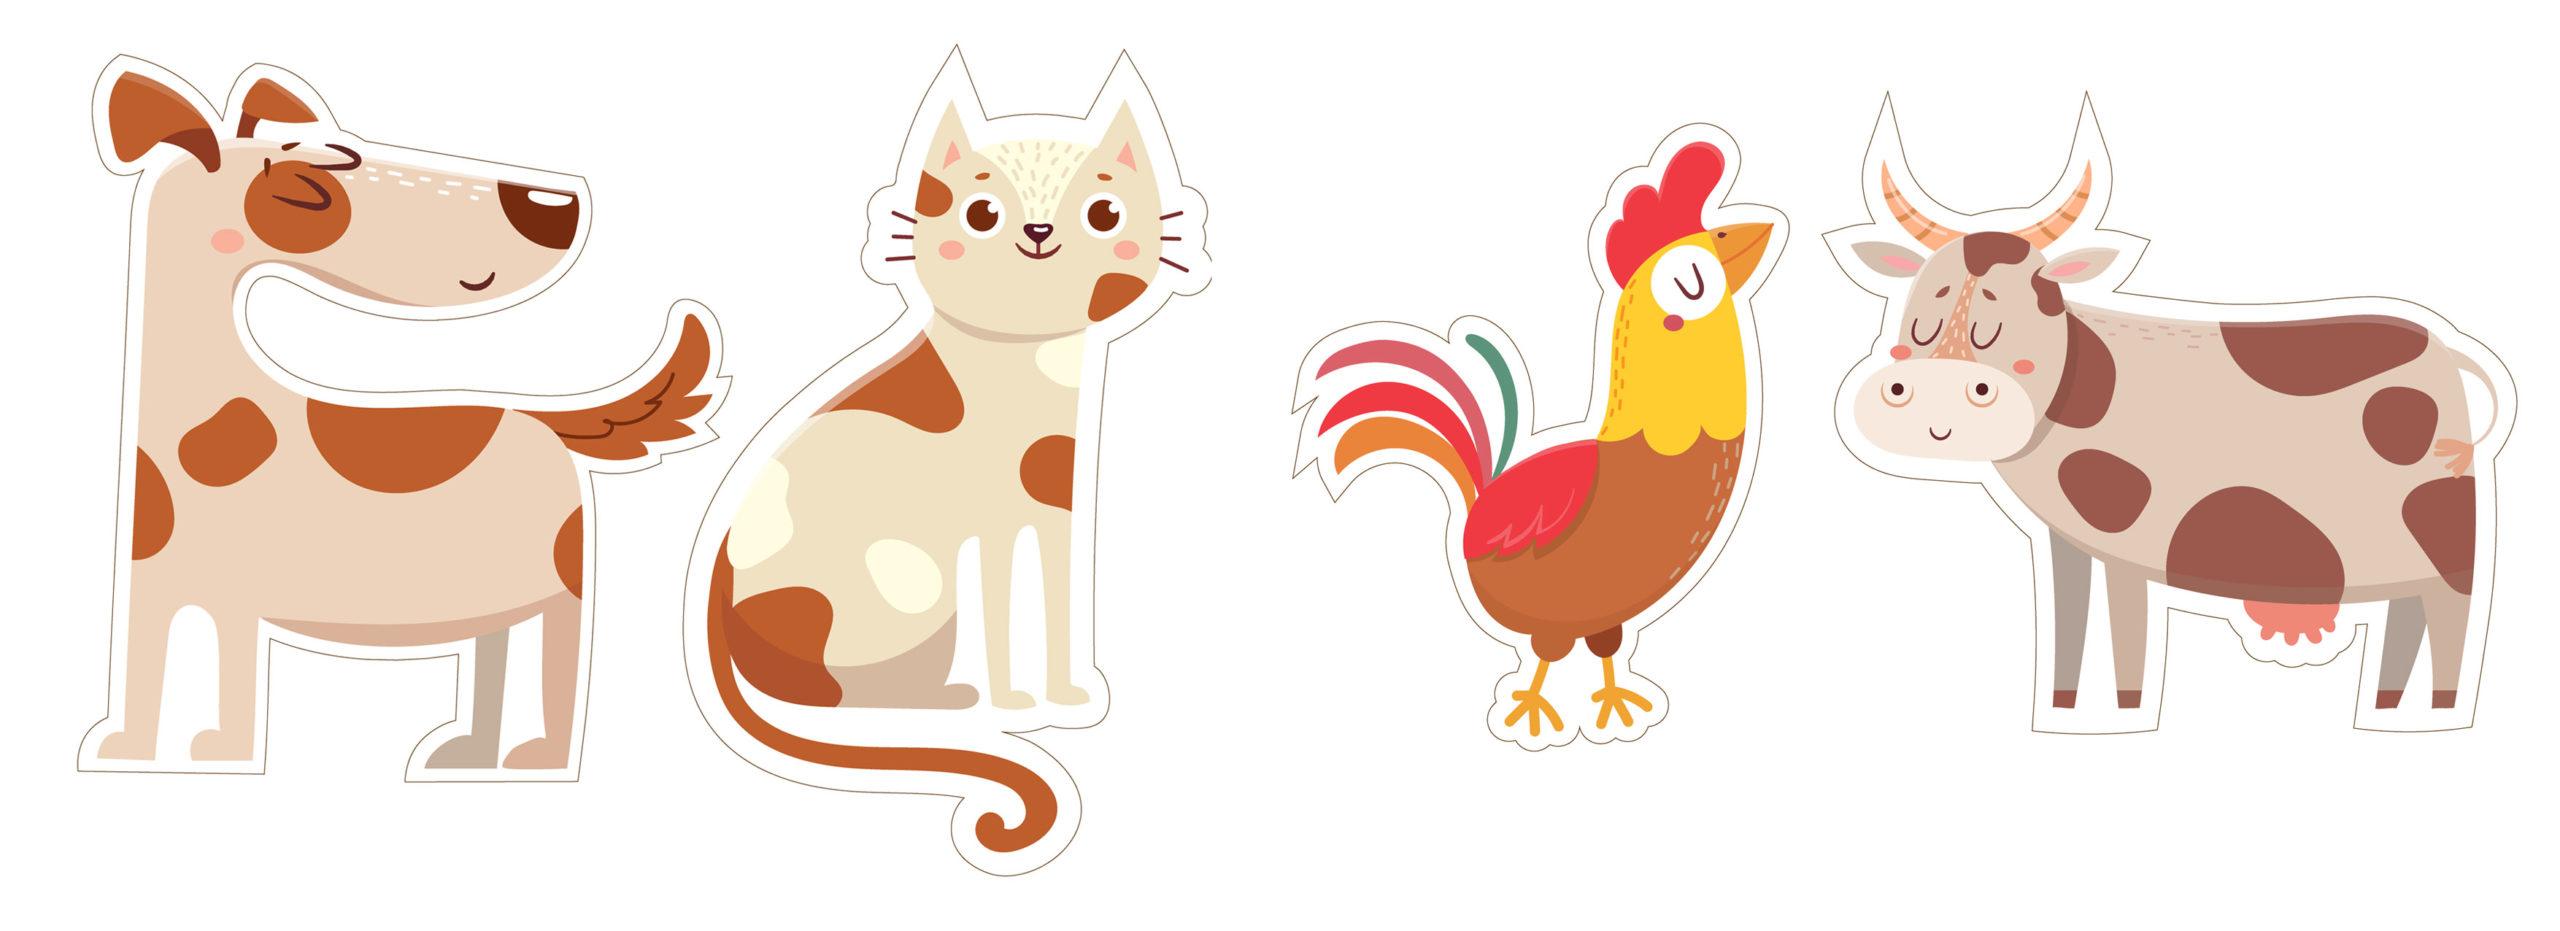 Дидактическая игра: разрезные картинки с животными